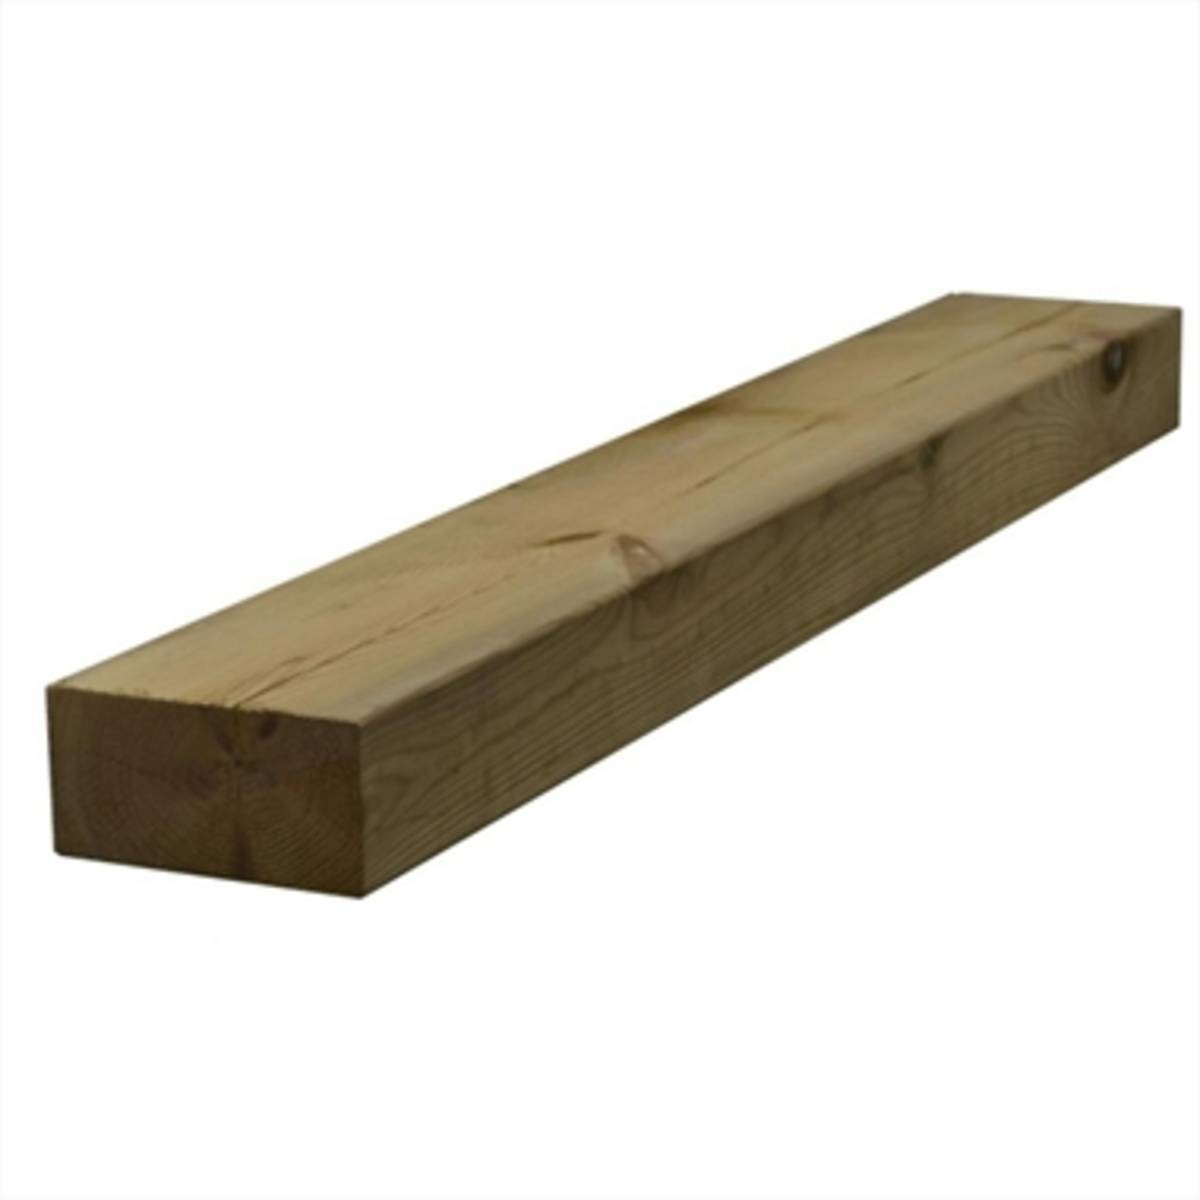 pin sylvestre rabot marron autoclave classe 4 100x100mm mba bois et construction durable. Black Bedroom Furniture Sets. Home Design Ideas